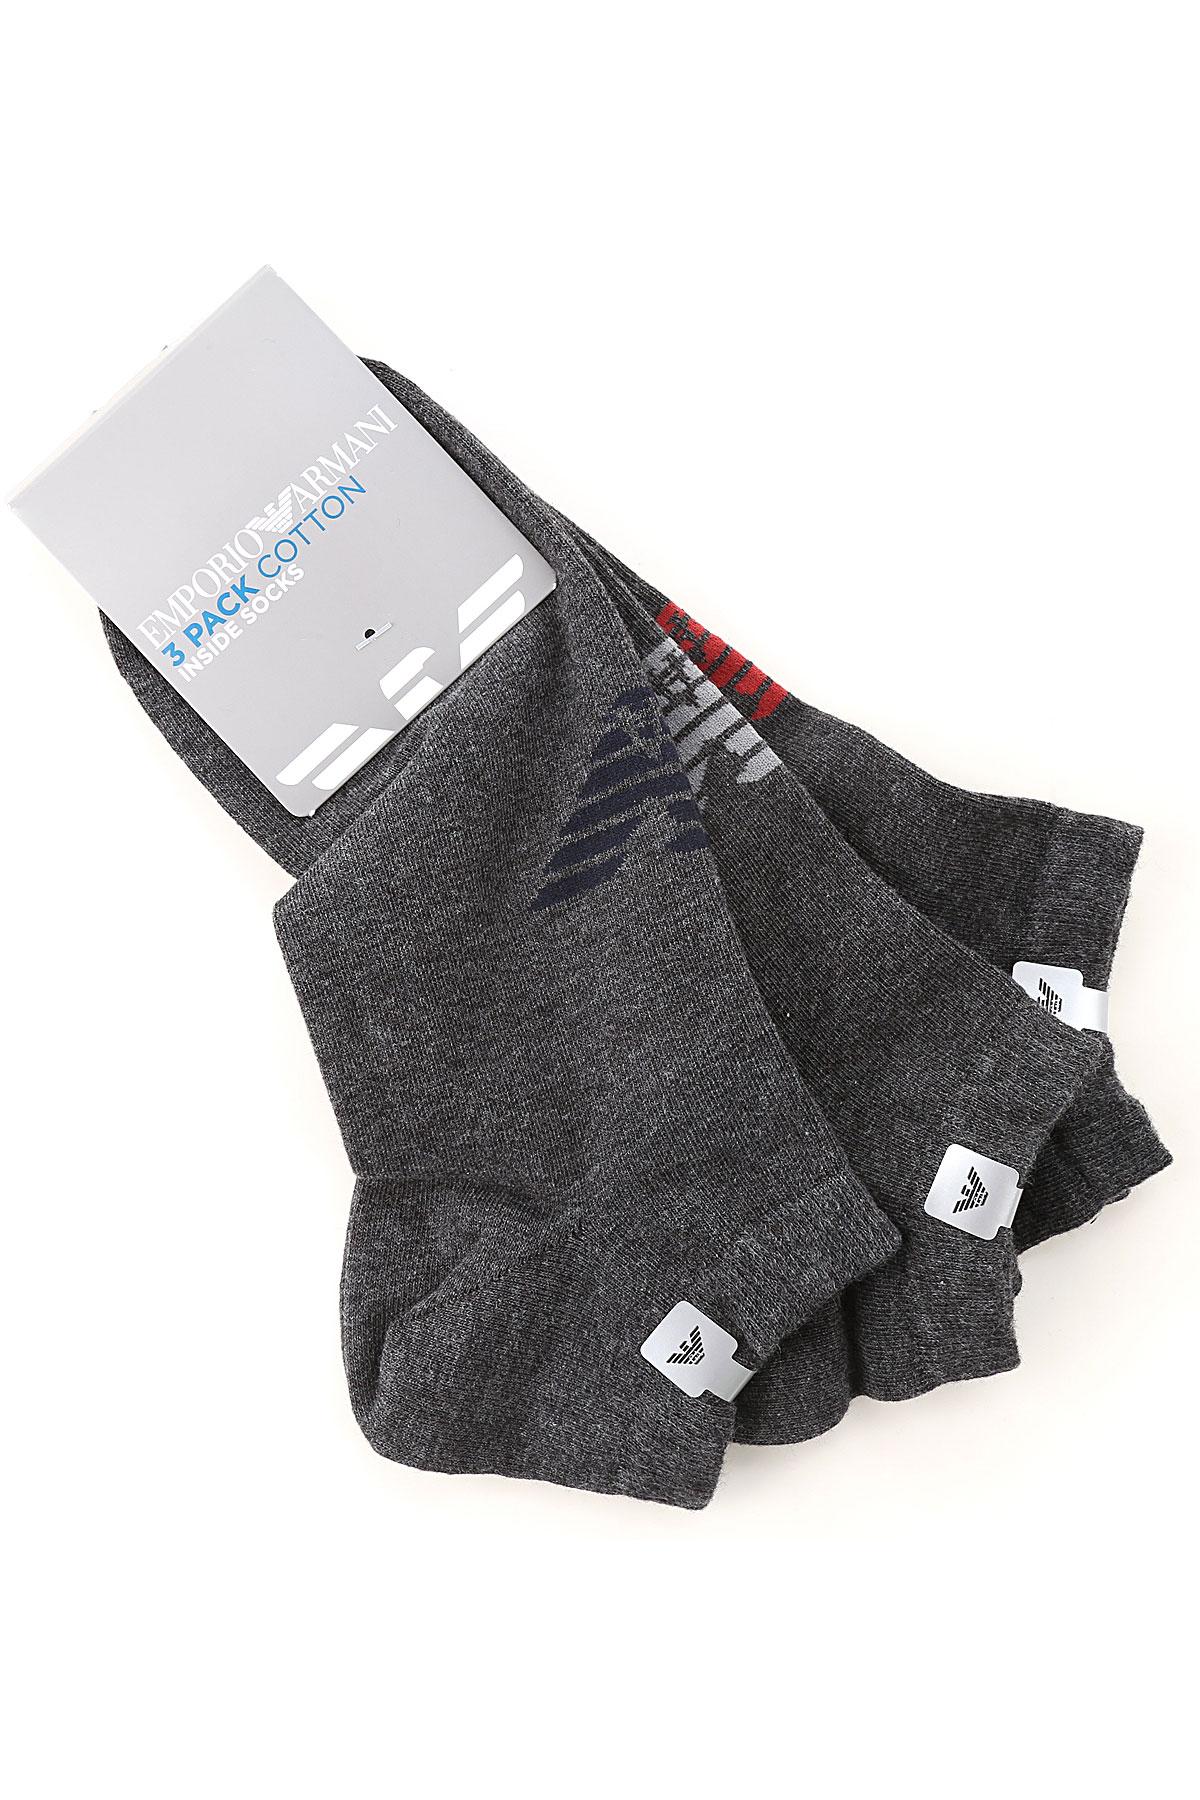 Emporio Armani Socks Socks for Men On Sale, 3 Pack, Dark Grey, Cotton, 2019, M (42-44) UK 8-9 L (45-46) UK 10-11